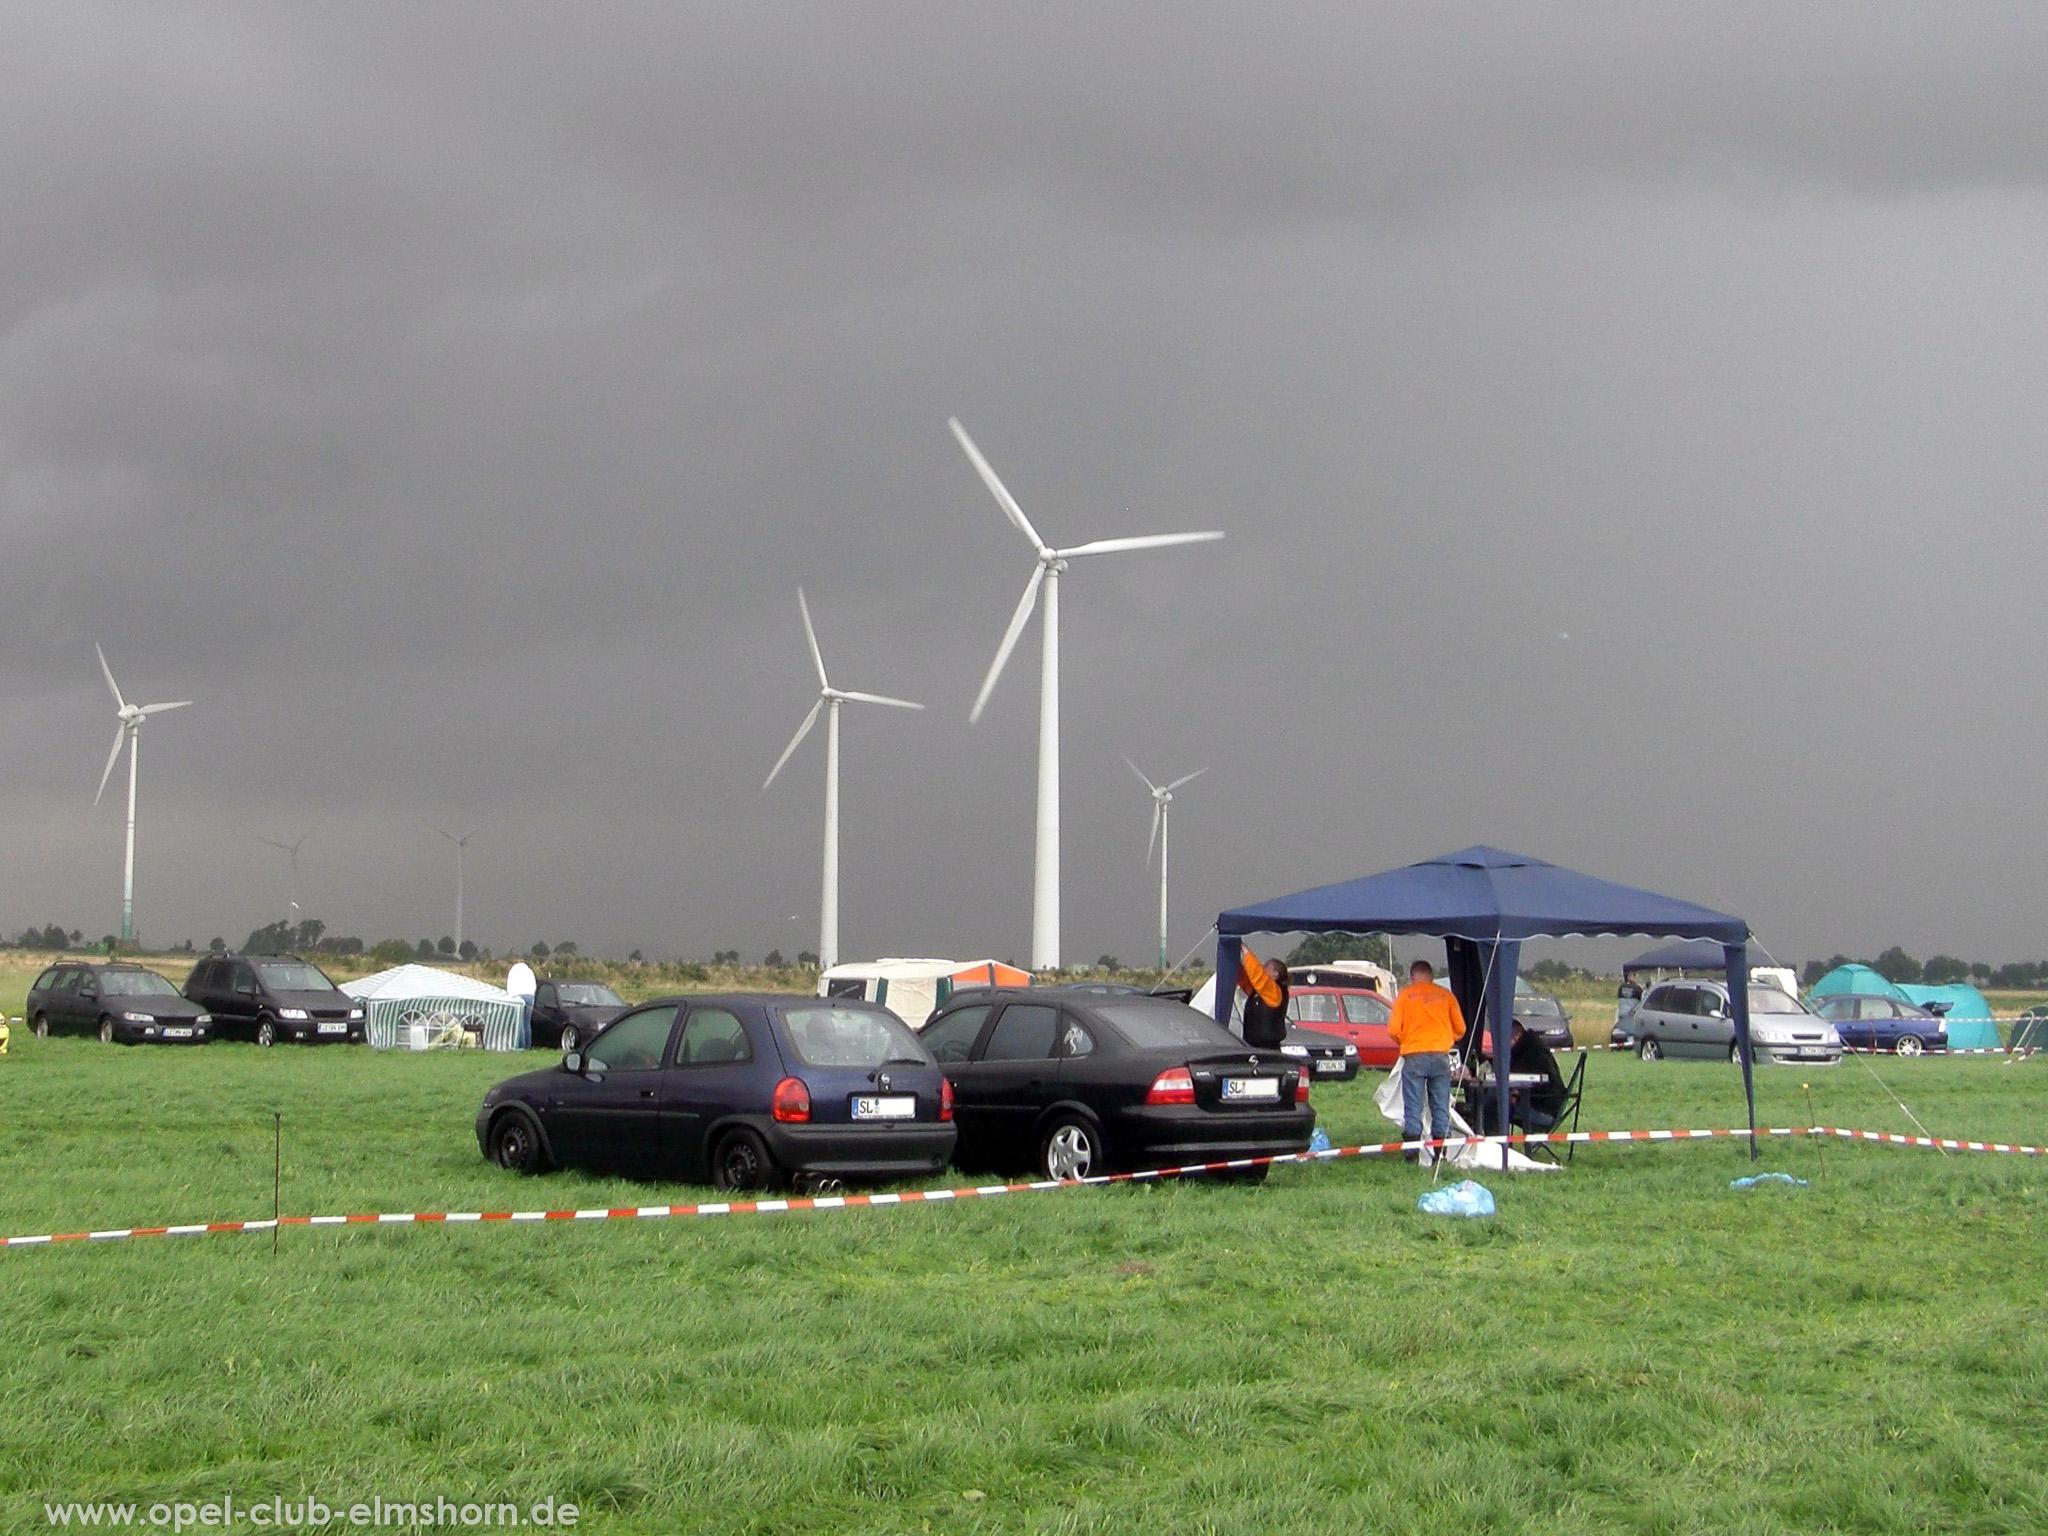 Opeltreffen Brunsbüttel Funmakers 2008 - 20080719_135653 - Ein Gewitter zieht auf